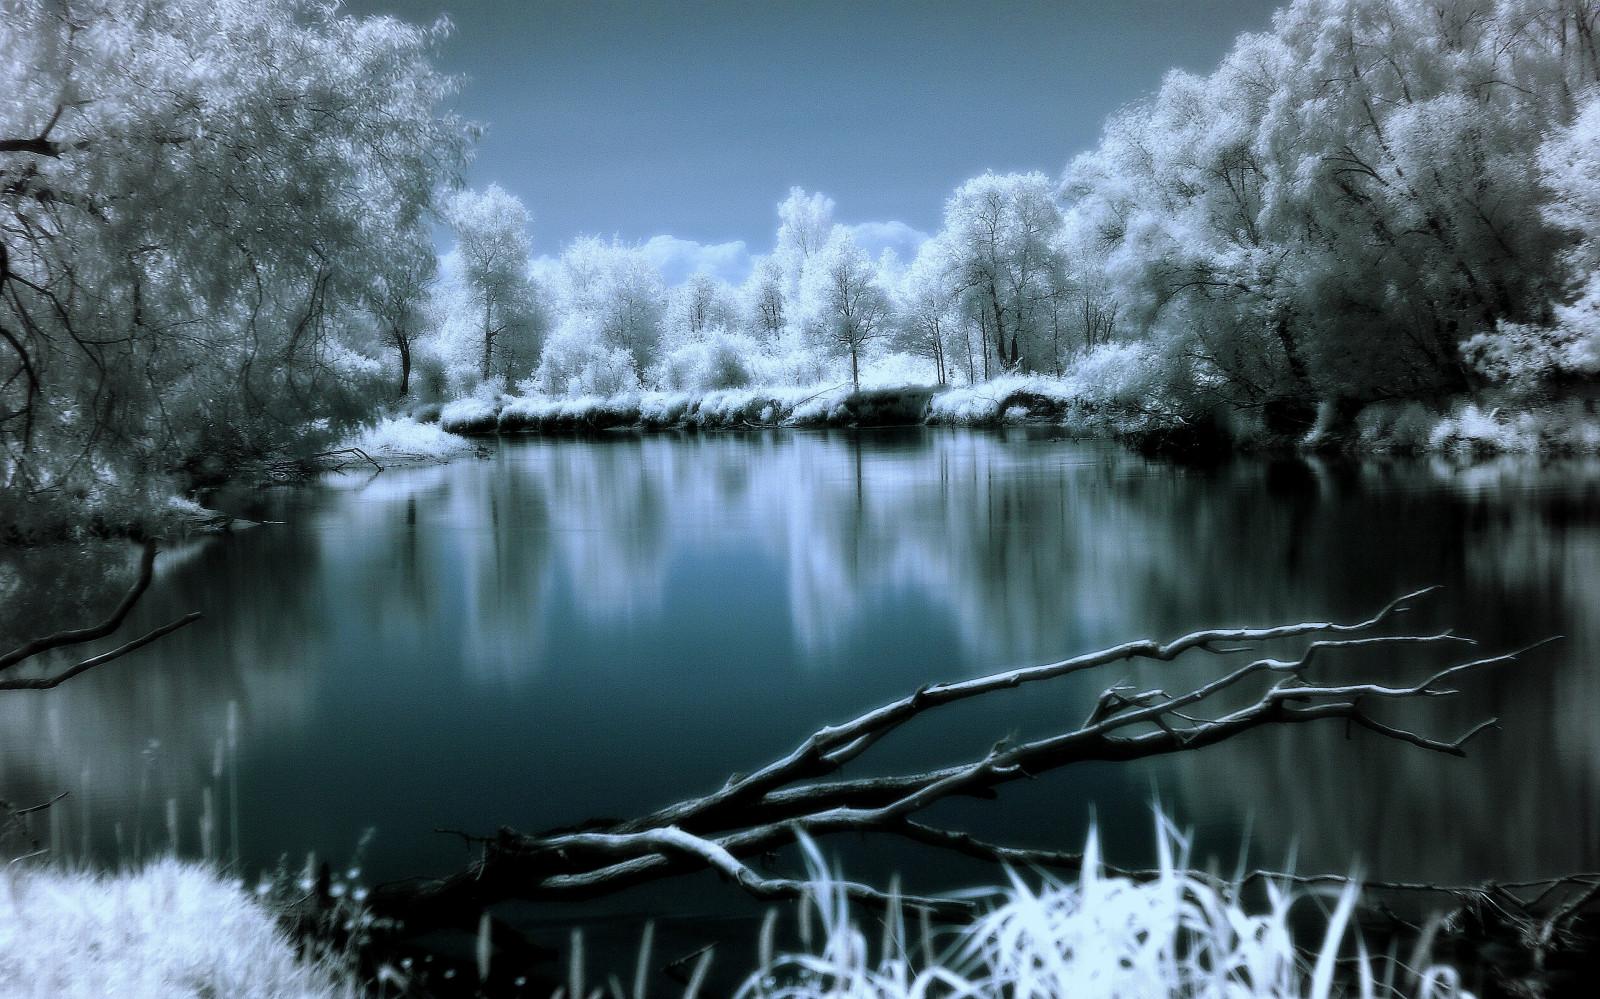 Download 73 Koleksi Wallpaper Pemandangan Musim Salju Paling Keren